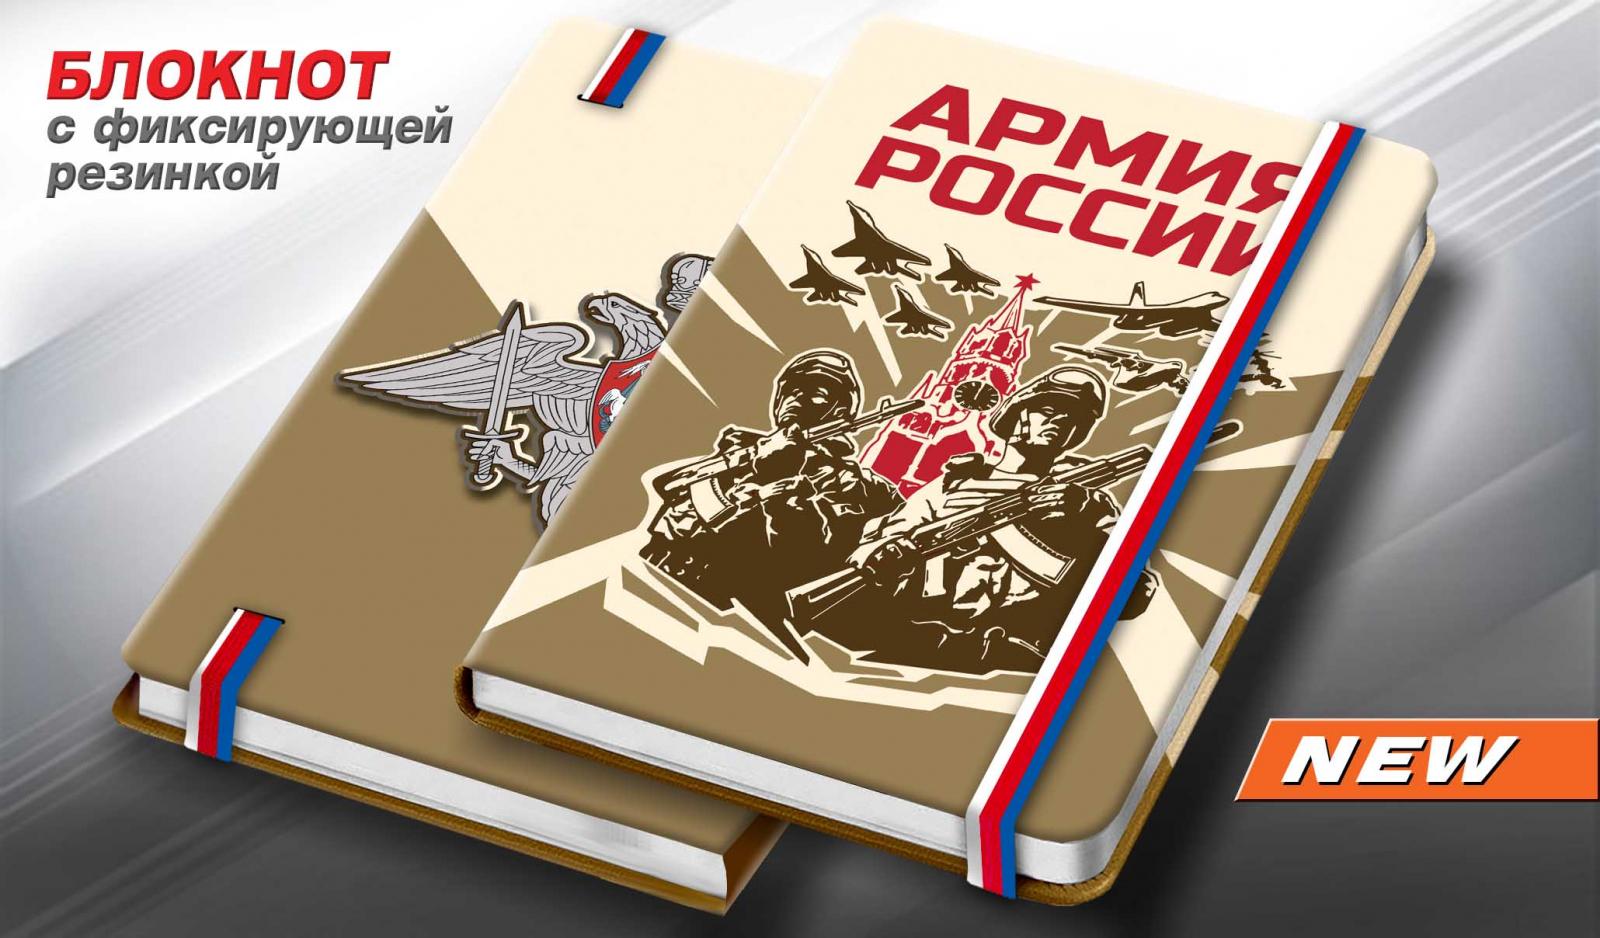 Блокнот с логотипом Армии России в подарок мужчине